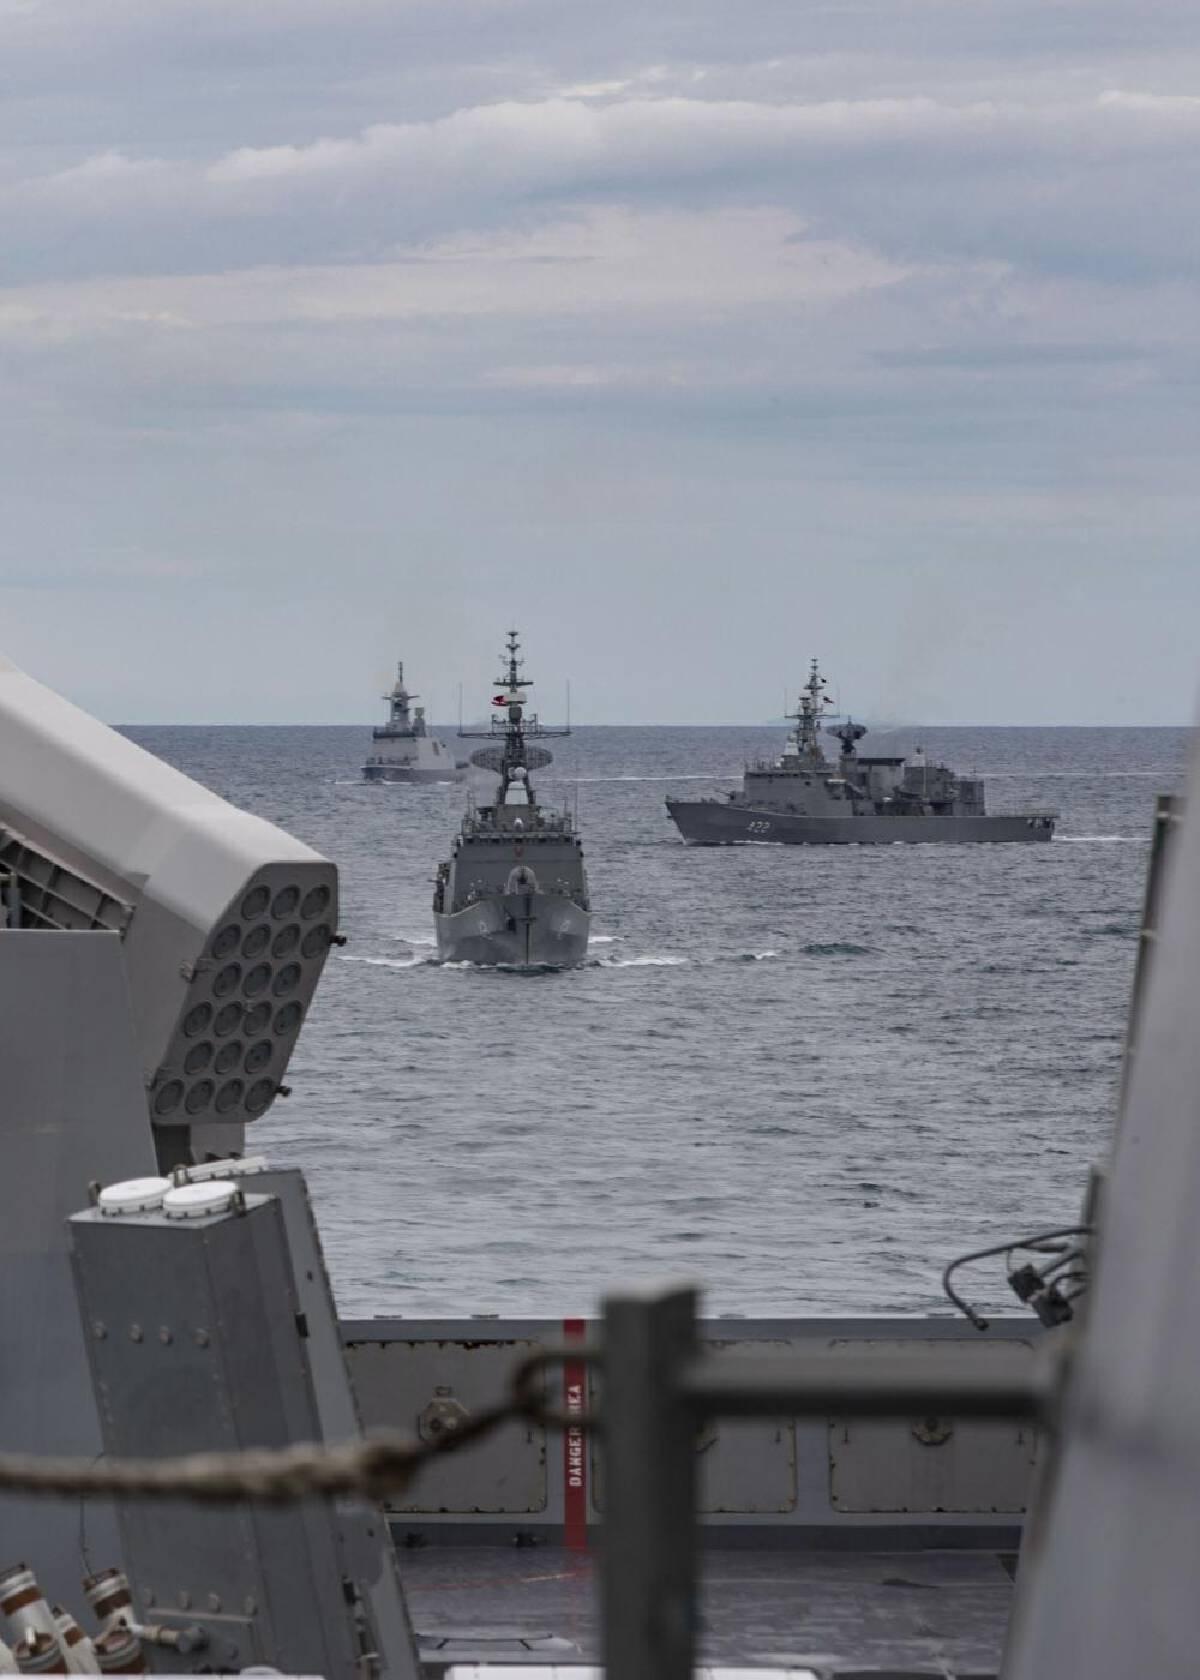 สหรัฐฯ-ไทย ประสานความร่วมมือฝึกการัต ครั้งที่ 27 ยกระดับทางทะเล